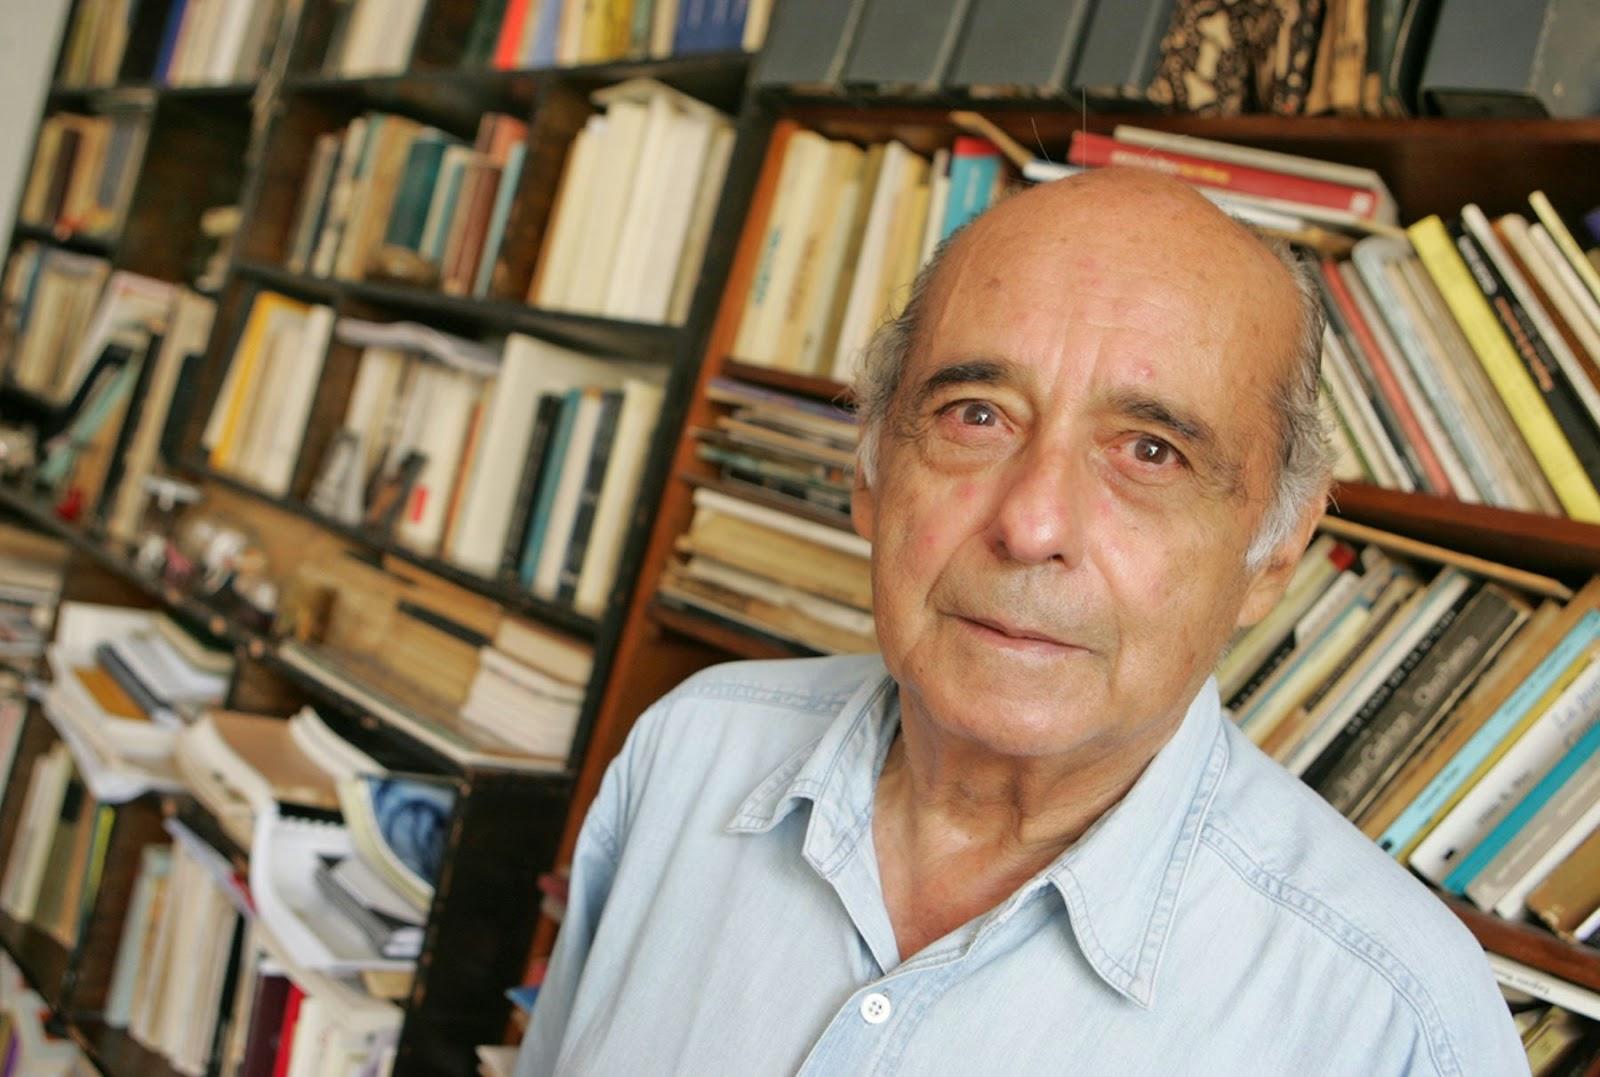 poeta y periodista peruano de la llamada generación literaria del 50. Ha obtenido importantes galardones como el Premio Iberoamericano de Poesía Pablo Neruda 2006 y Premio Casa de las Américas de Poesía José Lezama Lima 2009.